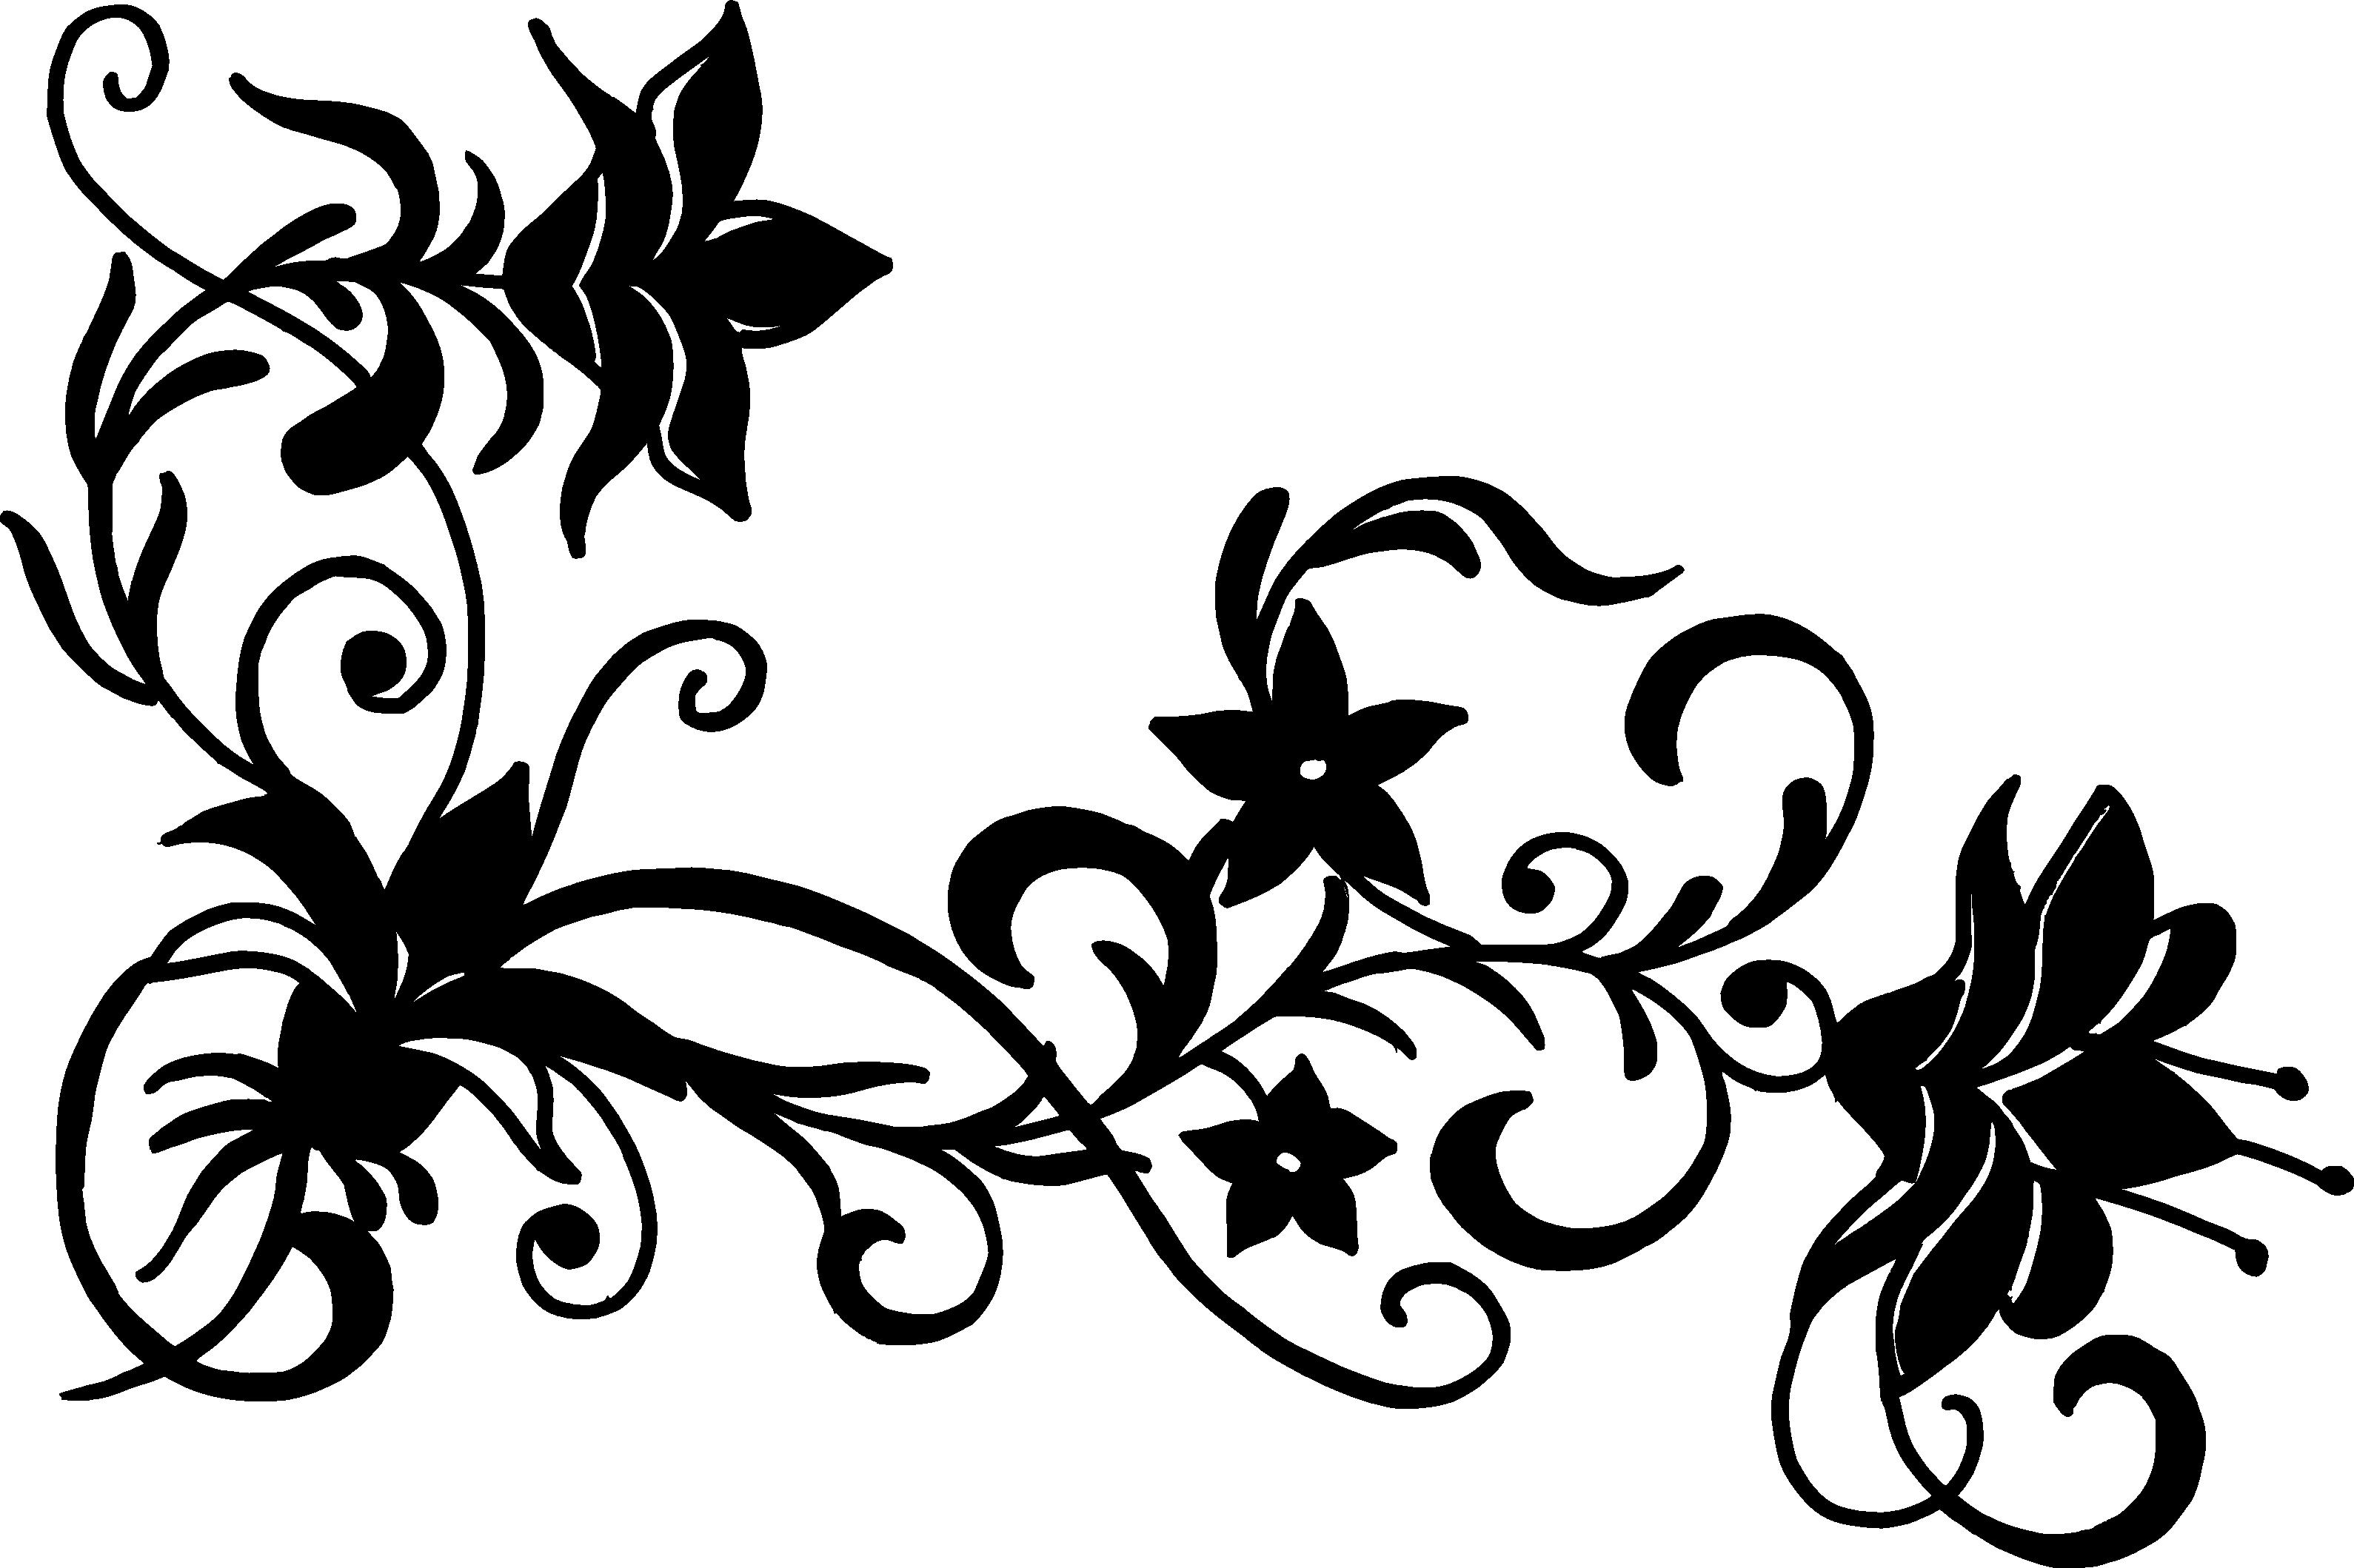 16 Flower Corner Vector (PNG Transparent, SVG) Vol. 2